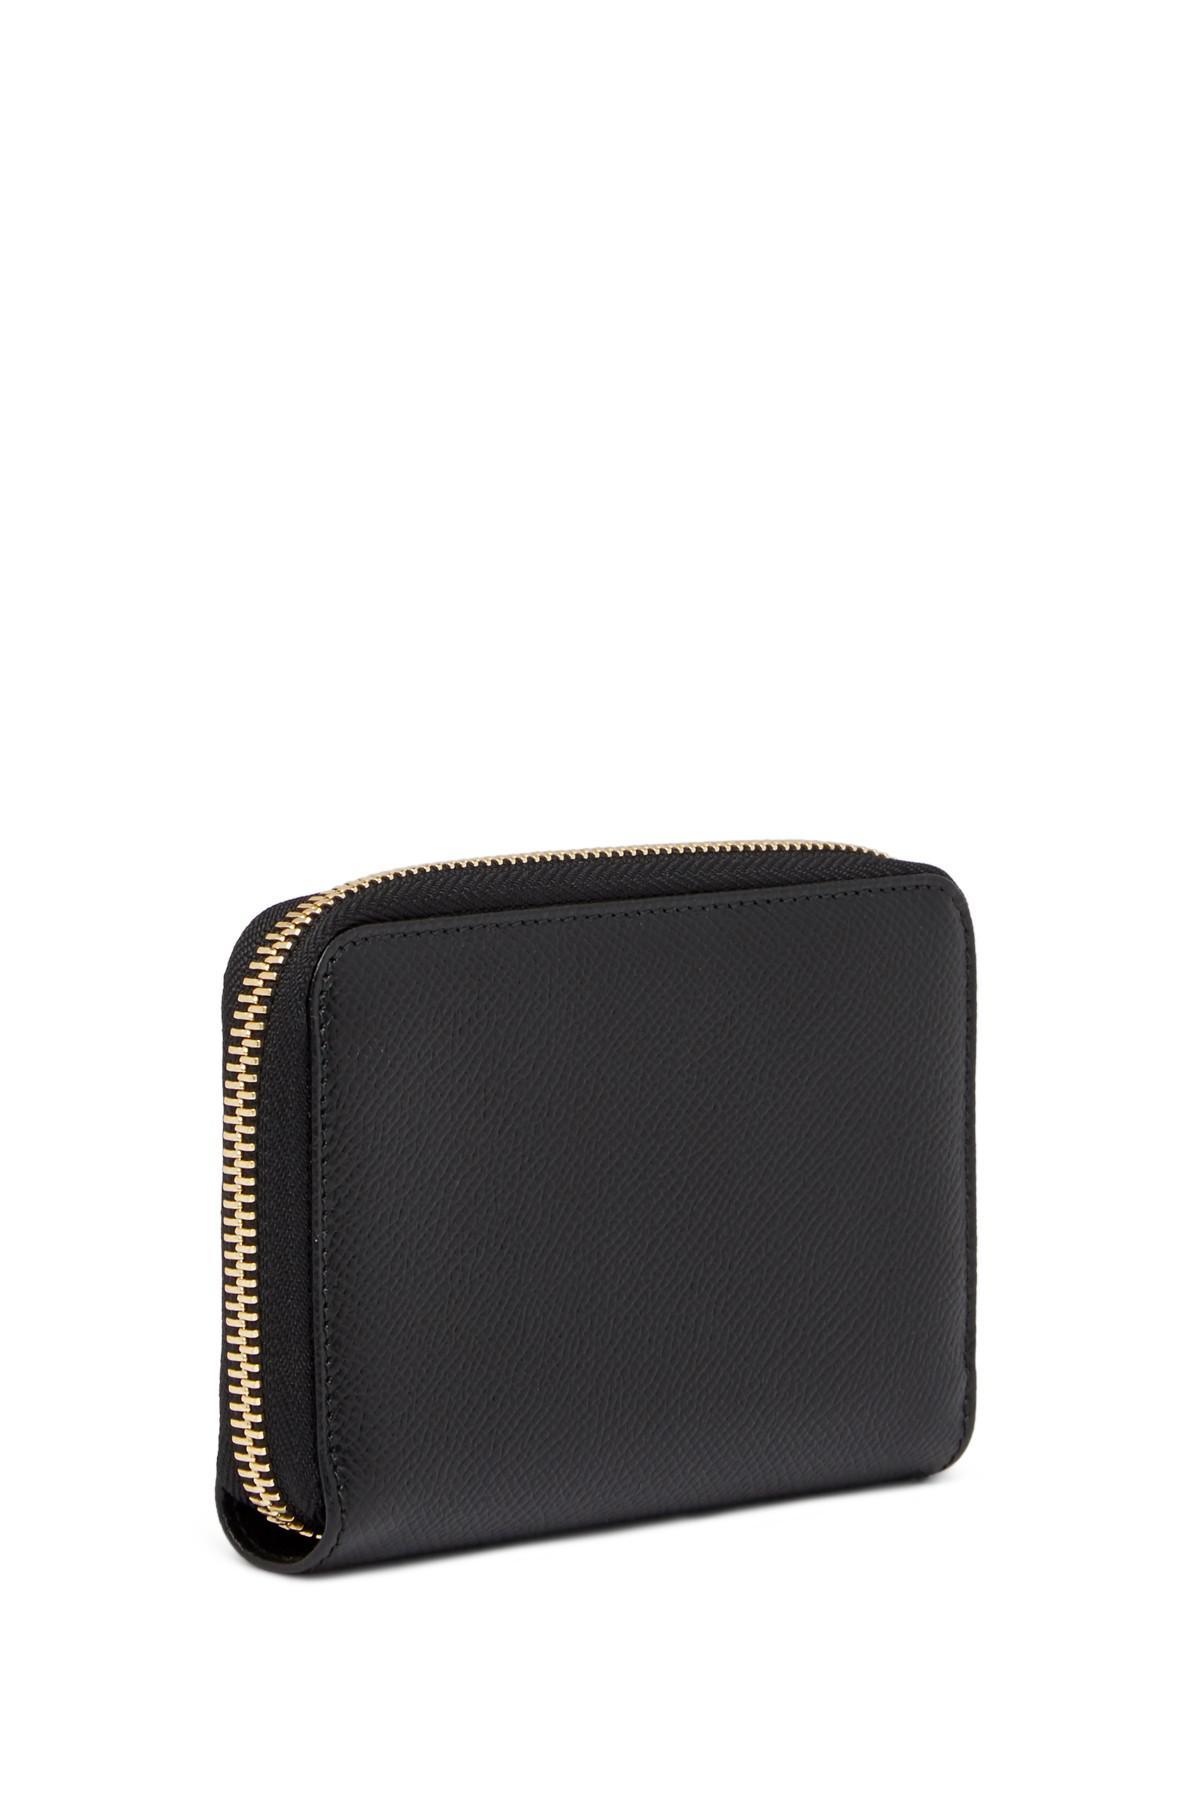 small zip around wallet - Black Dolce & Gabbana bWaNt